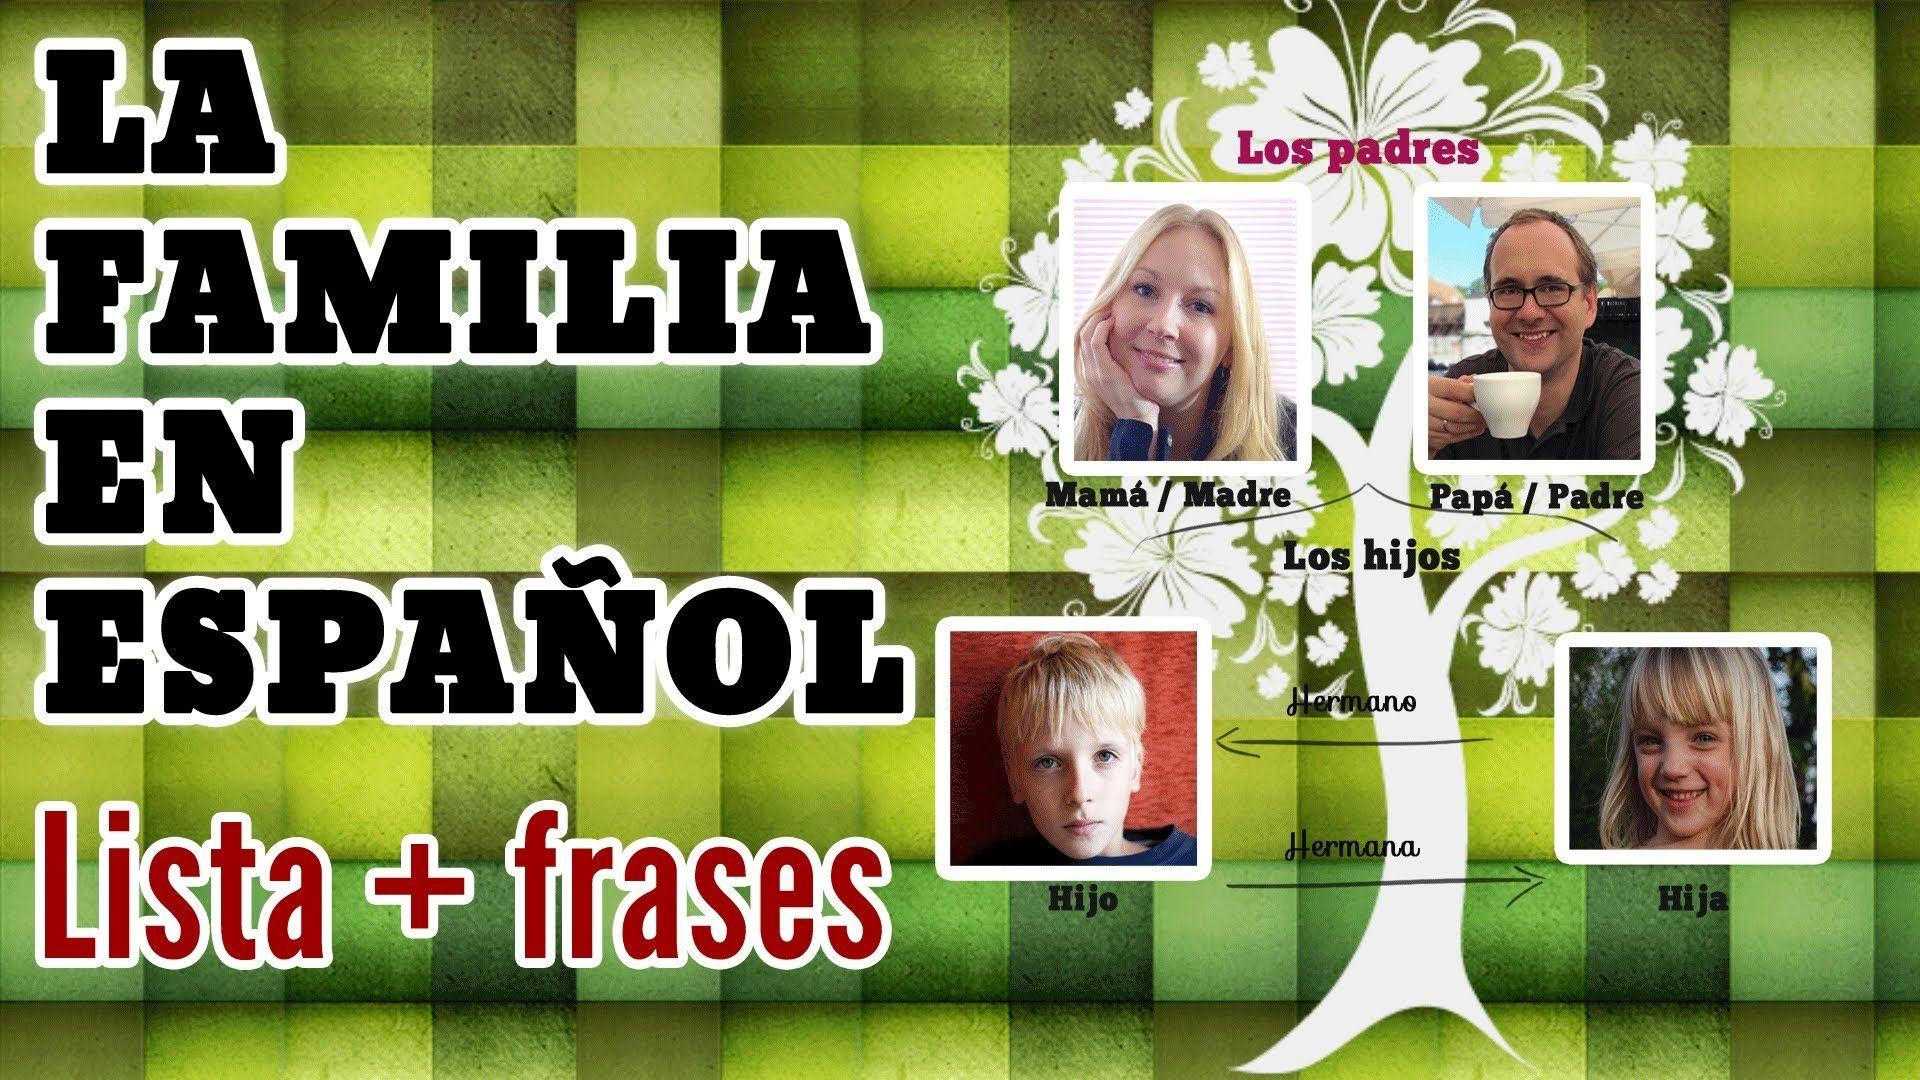 Los Miembros De La Familia En Espanol Creando Oraciones Y